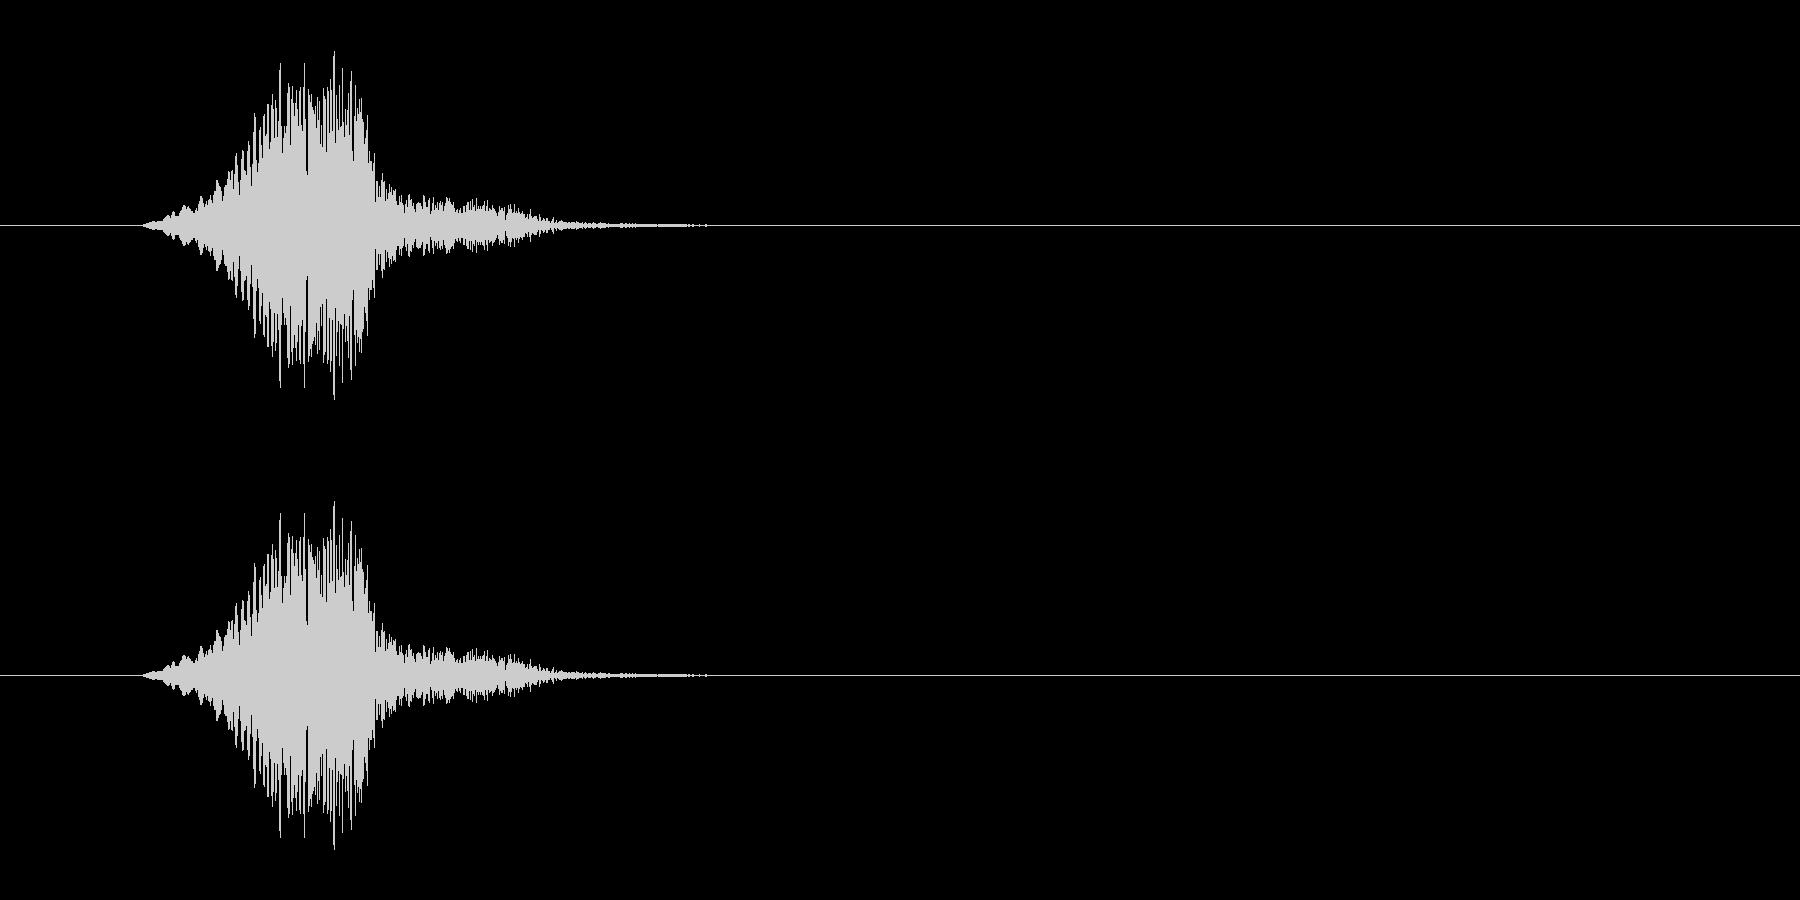 かわいい動作SEの未再生の波形